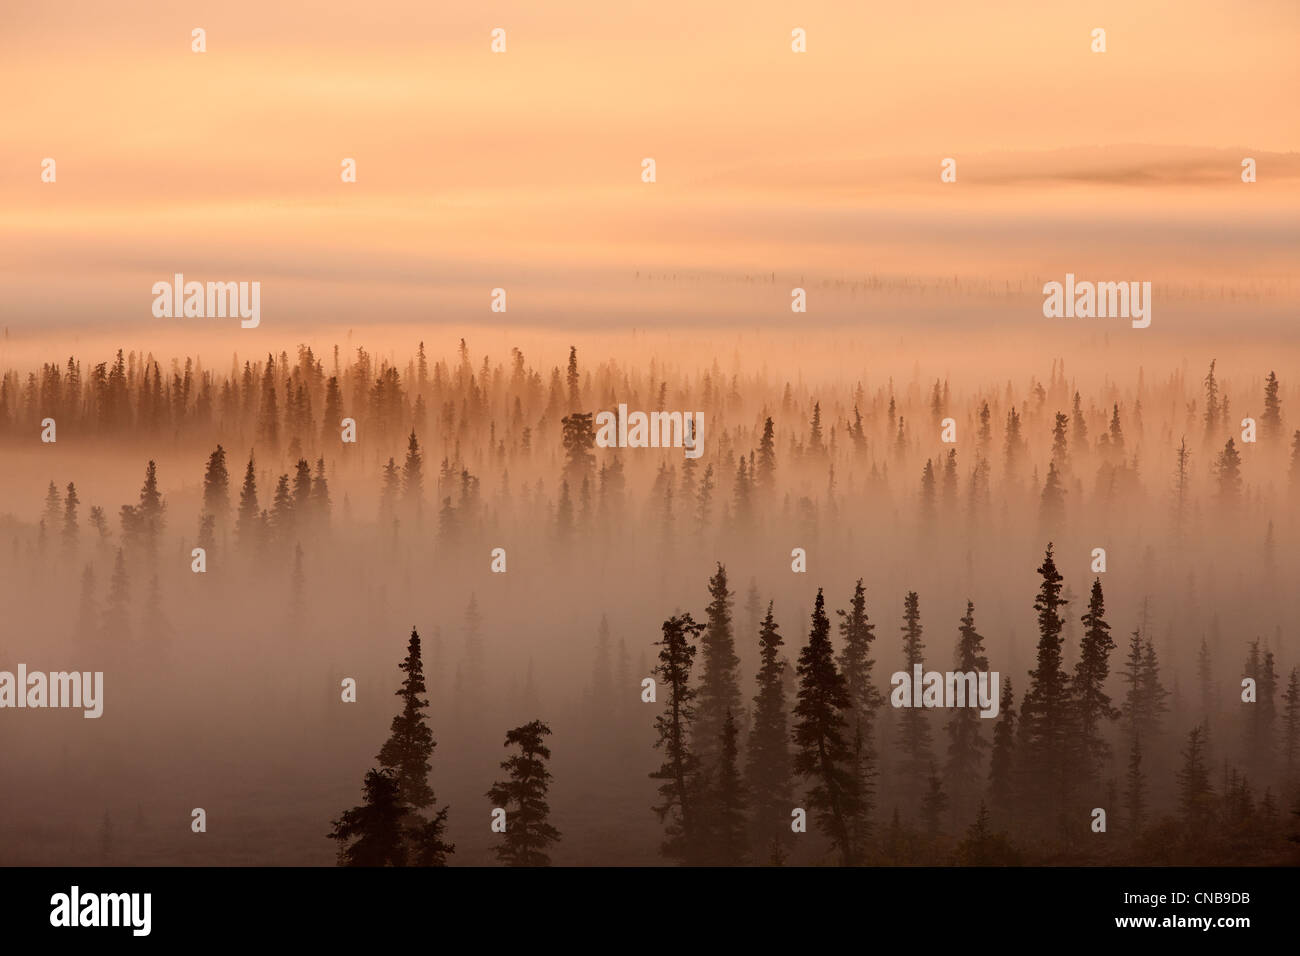 Amanecer sobre un bosque neblinoso, Parque Nacional Katmai y preservar, en el suroeste de Alaska, Otoño Imagen De Stock